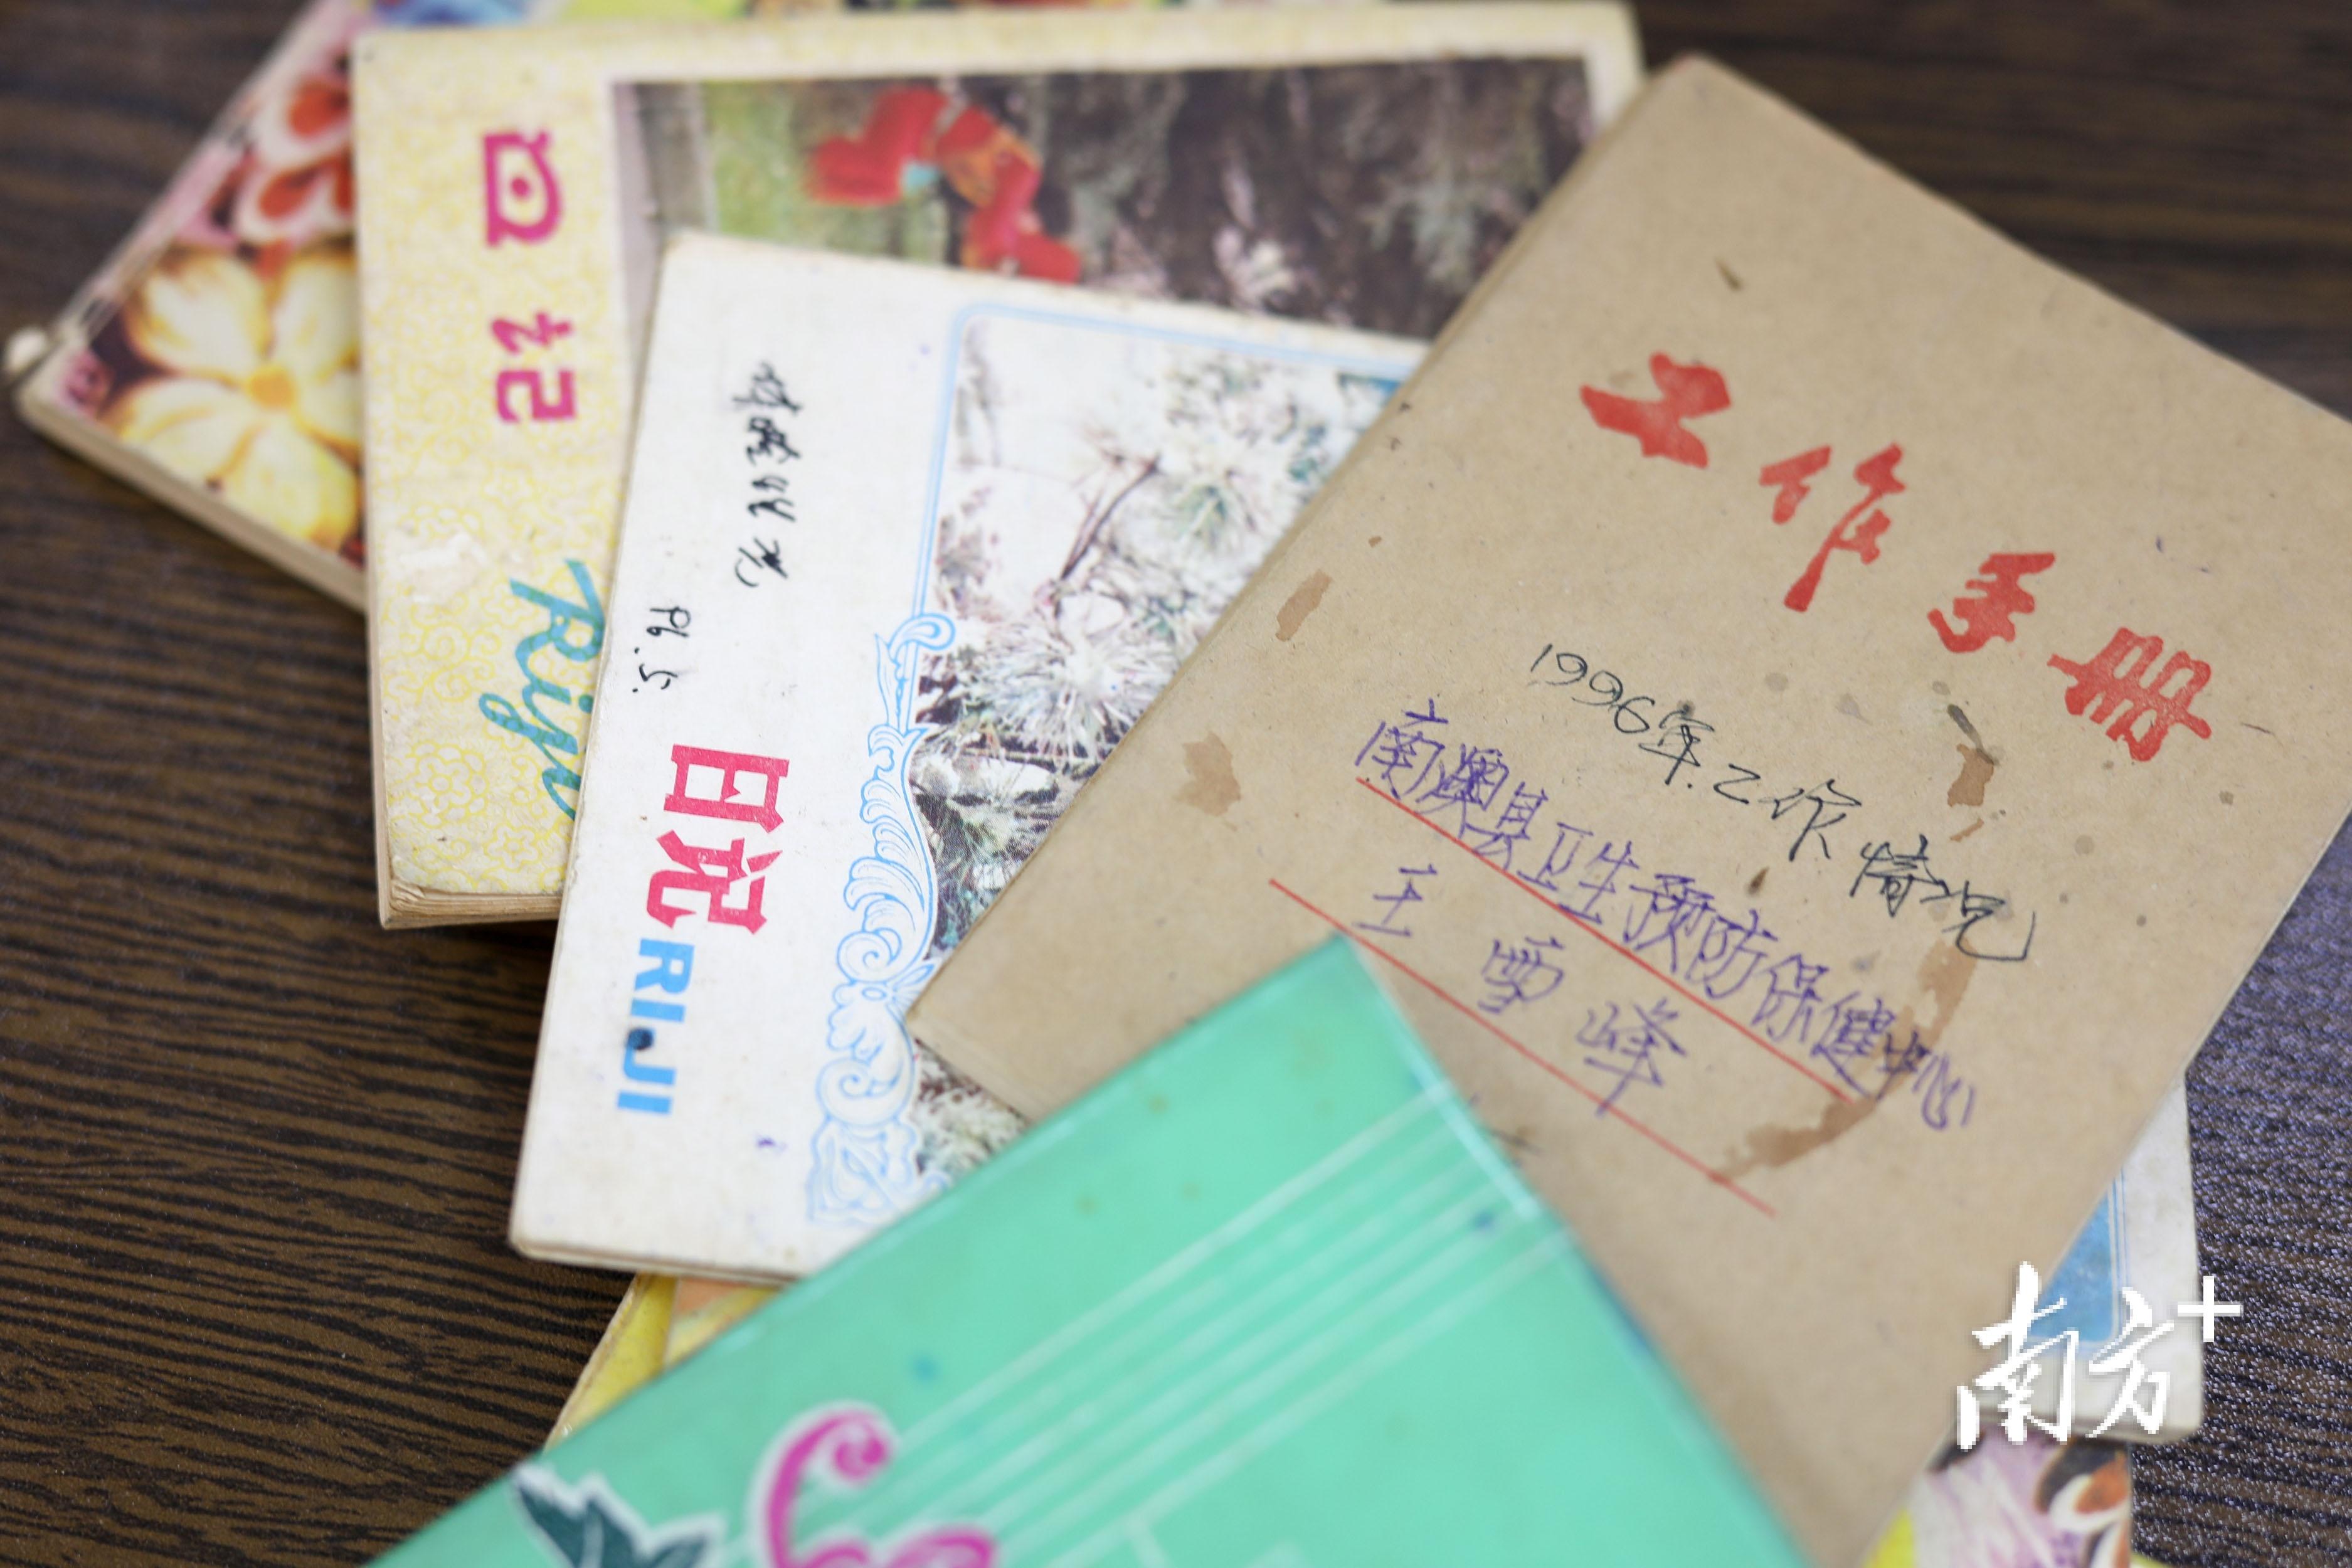 工作30多年,王雪峰攒下了一小摞工作笔记。